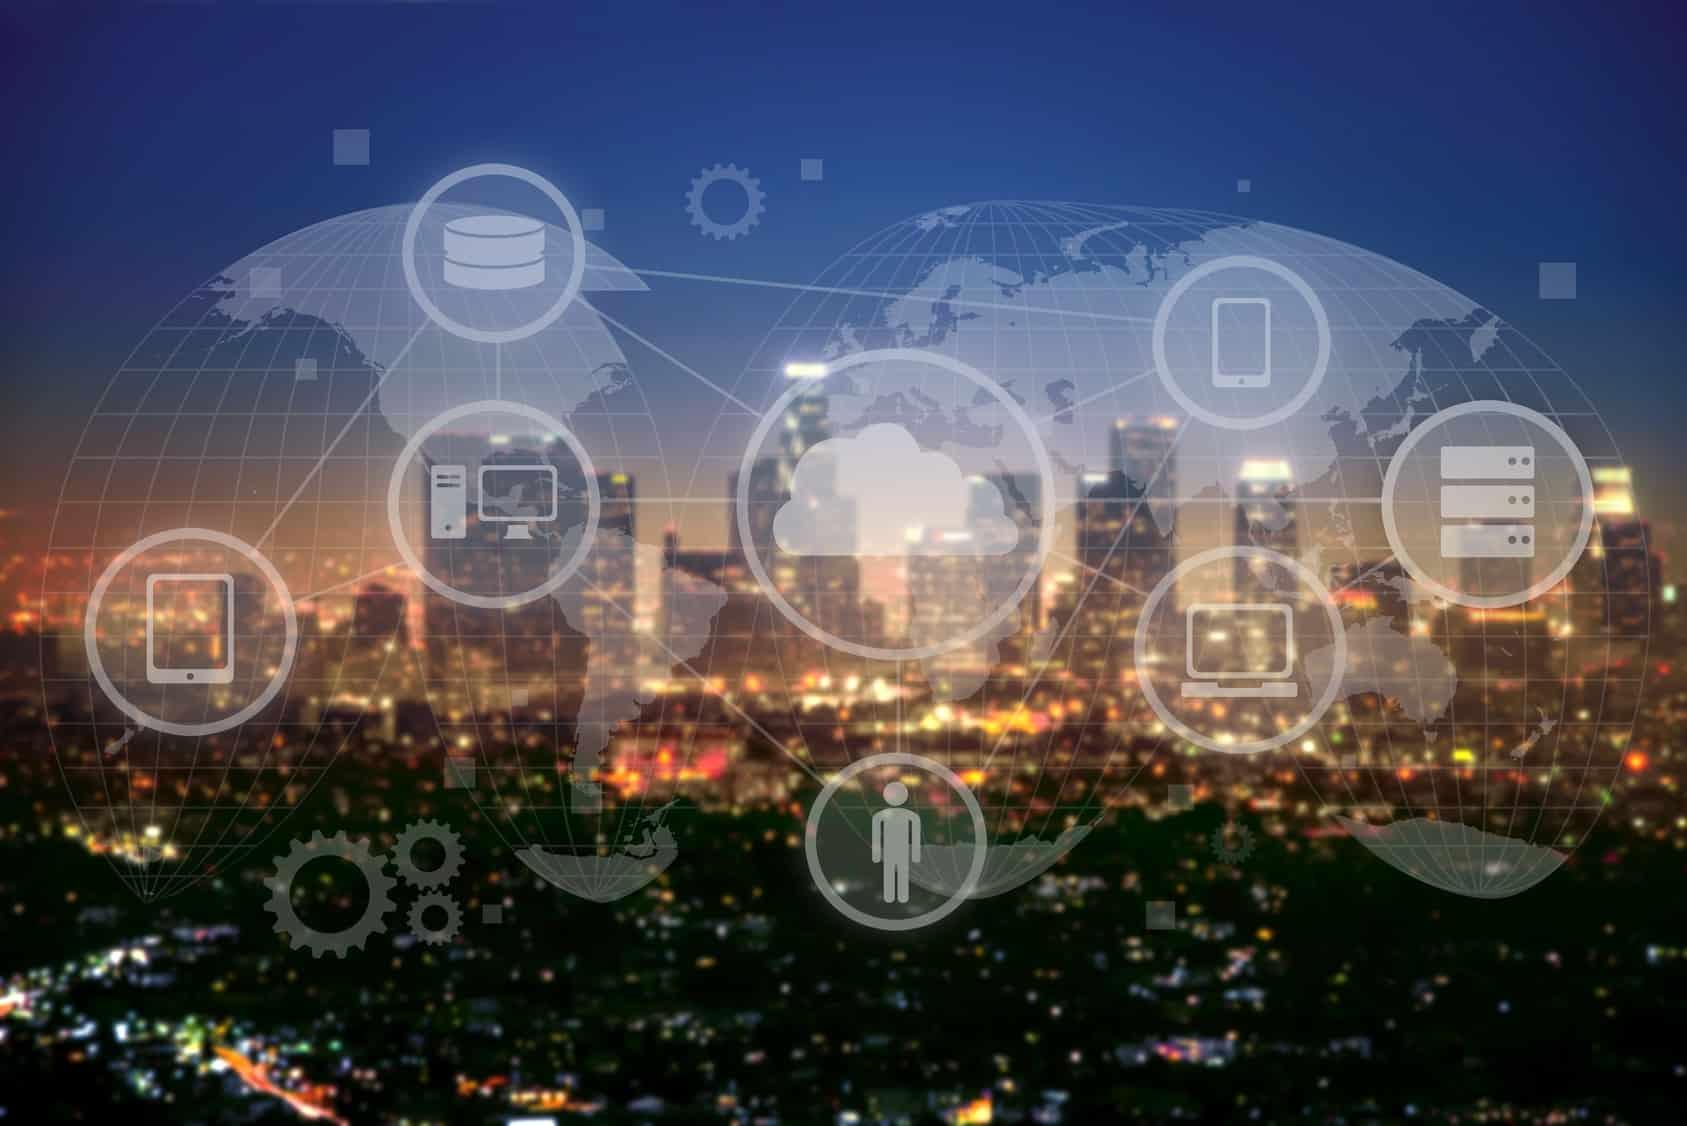 Los estados de Jalisco, Nuevo León, Colima y Ciudad de México fueron entre los que más captaroninversión extranjera en telecomunicacionesdurante el periodo de enero a septiembre de 2017